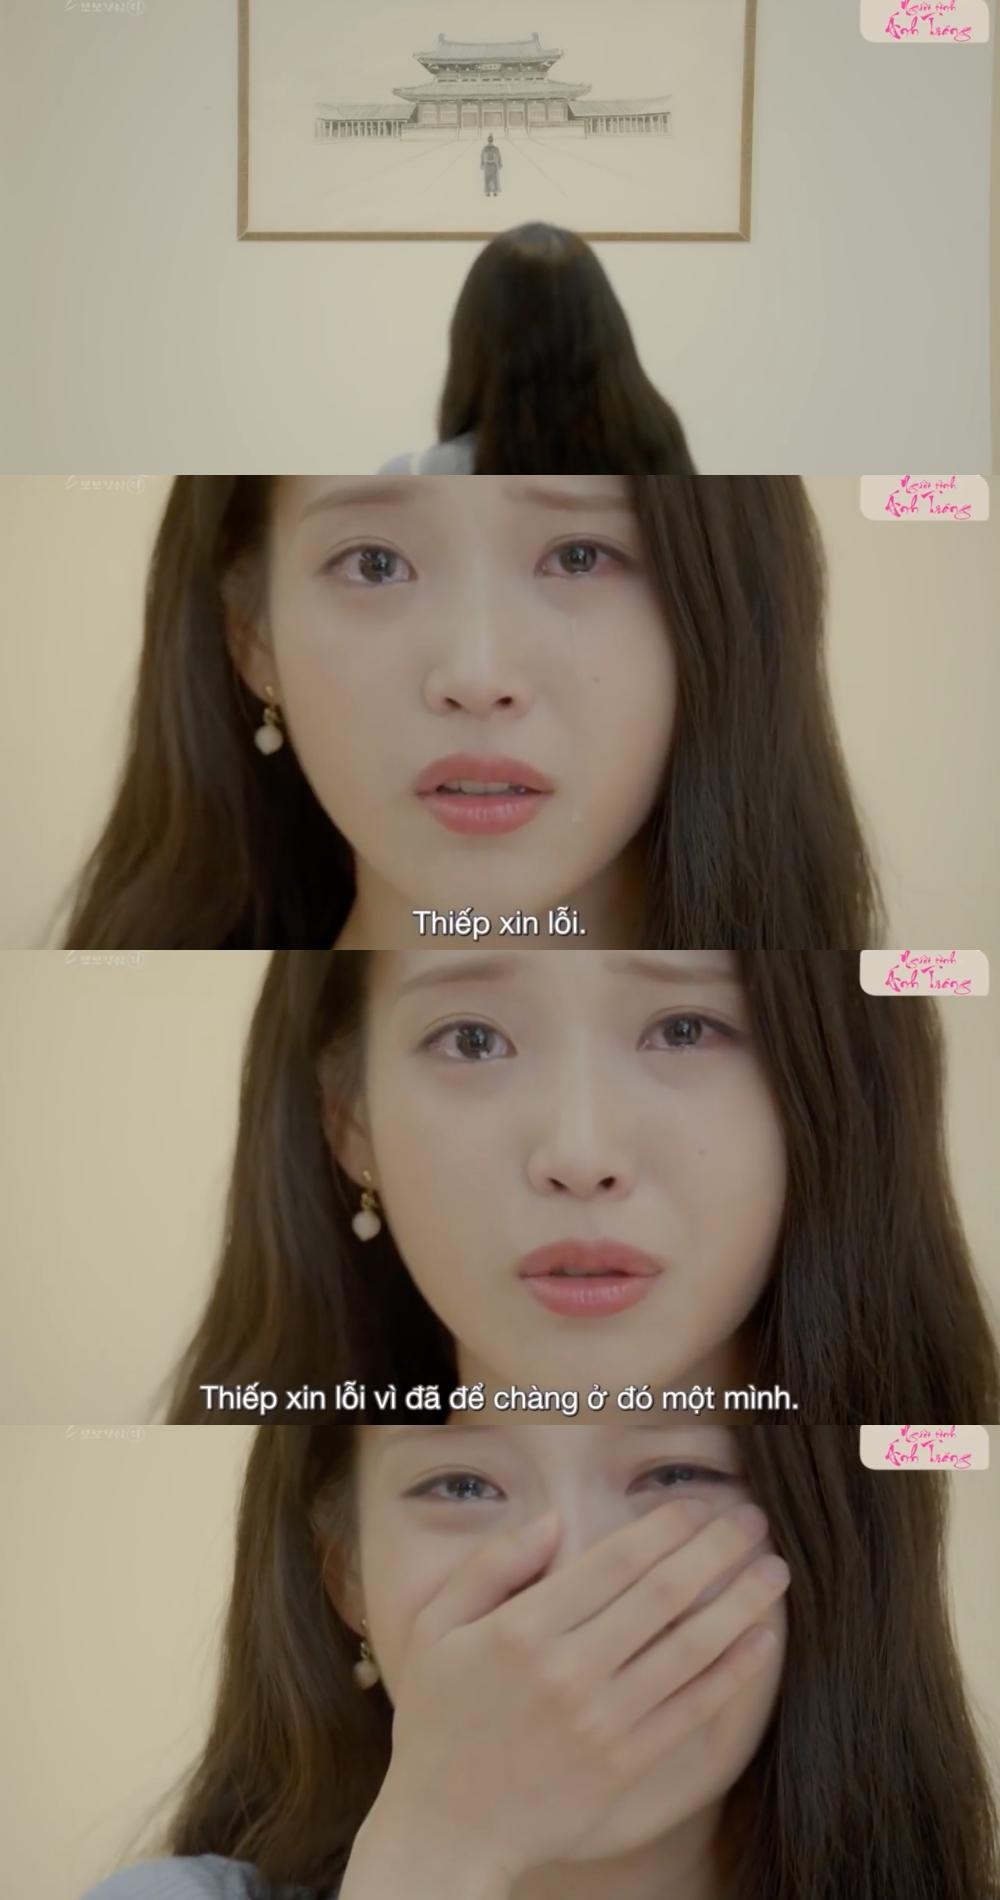 Fan IU - Lee Jun Ki đào mộ cái kết thực sự của Moon Lovers, sôi máu đòi ekip làm gấp phần 2 - Ảnh 3.